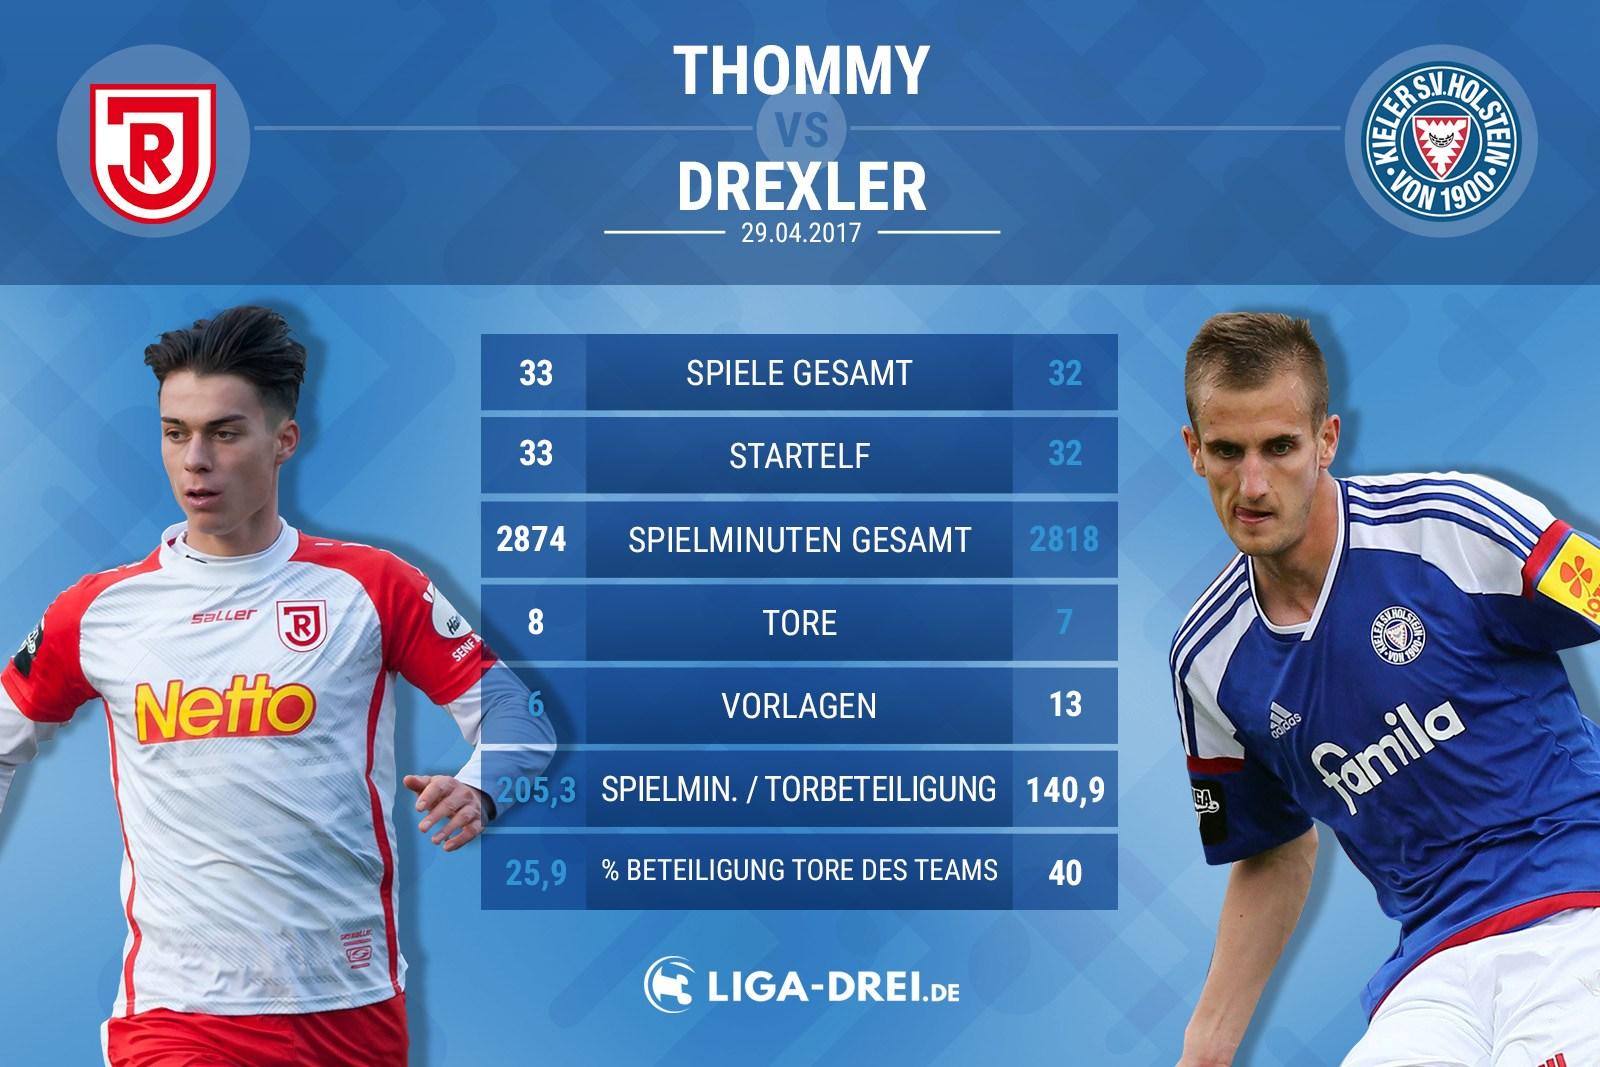 Spielervergleich zwischen Thommy (Regensburg( und Drexler (Kiel)